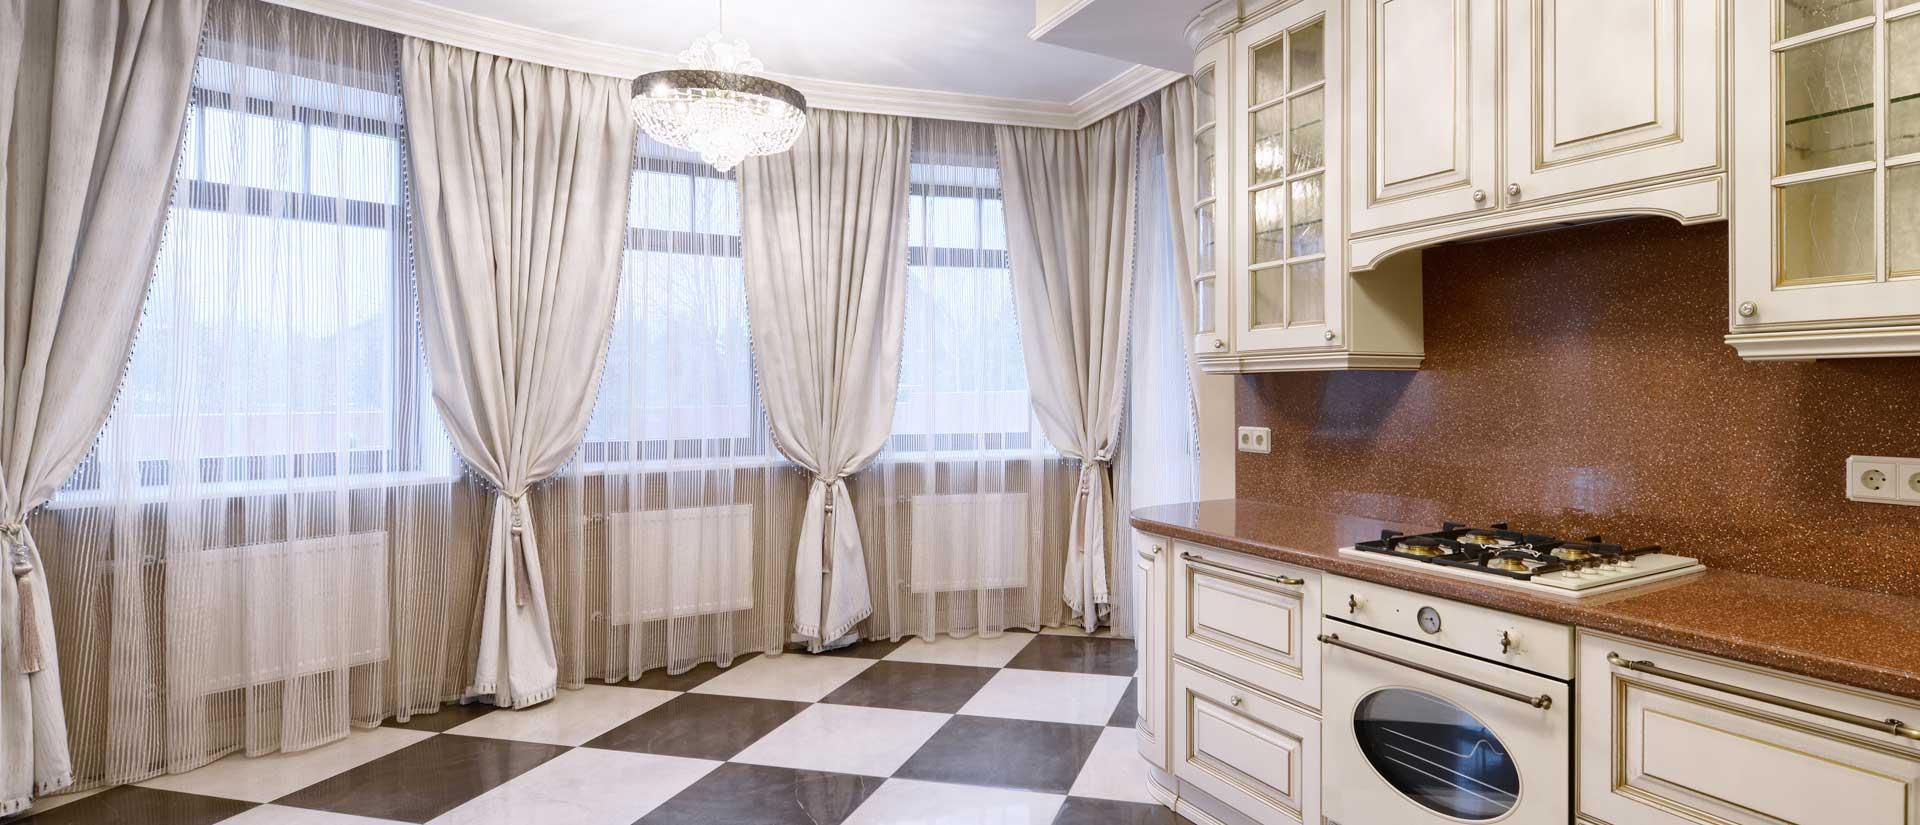 Full Size of Moderne Kchengardinen Bestellen Individuelle Fensterdeko Wohnzimmer Küchenvorhänge